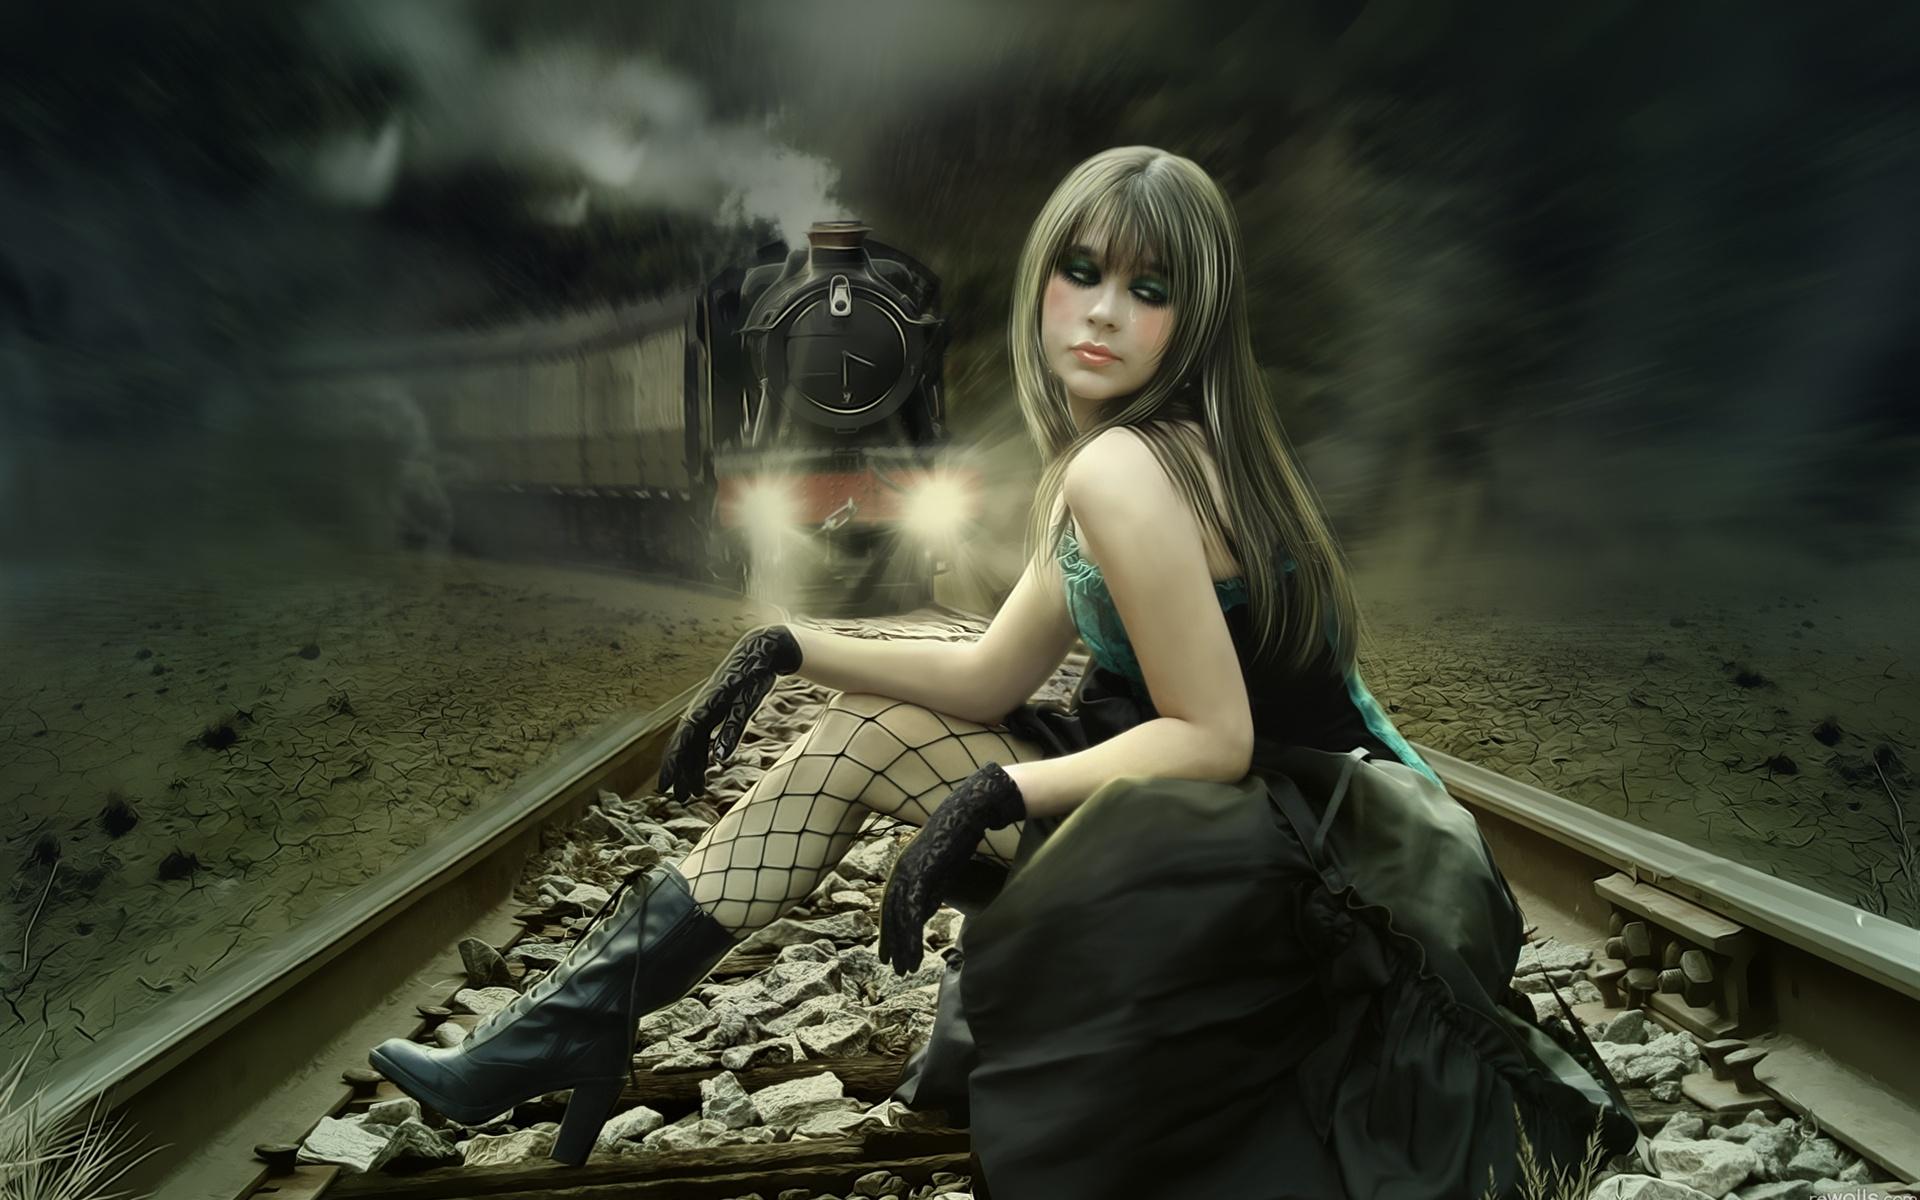 Hintergrundbilder beschreibung das fantasy mädchen auf den gleisen